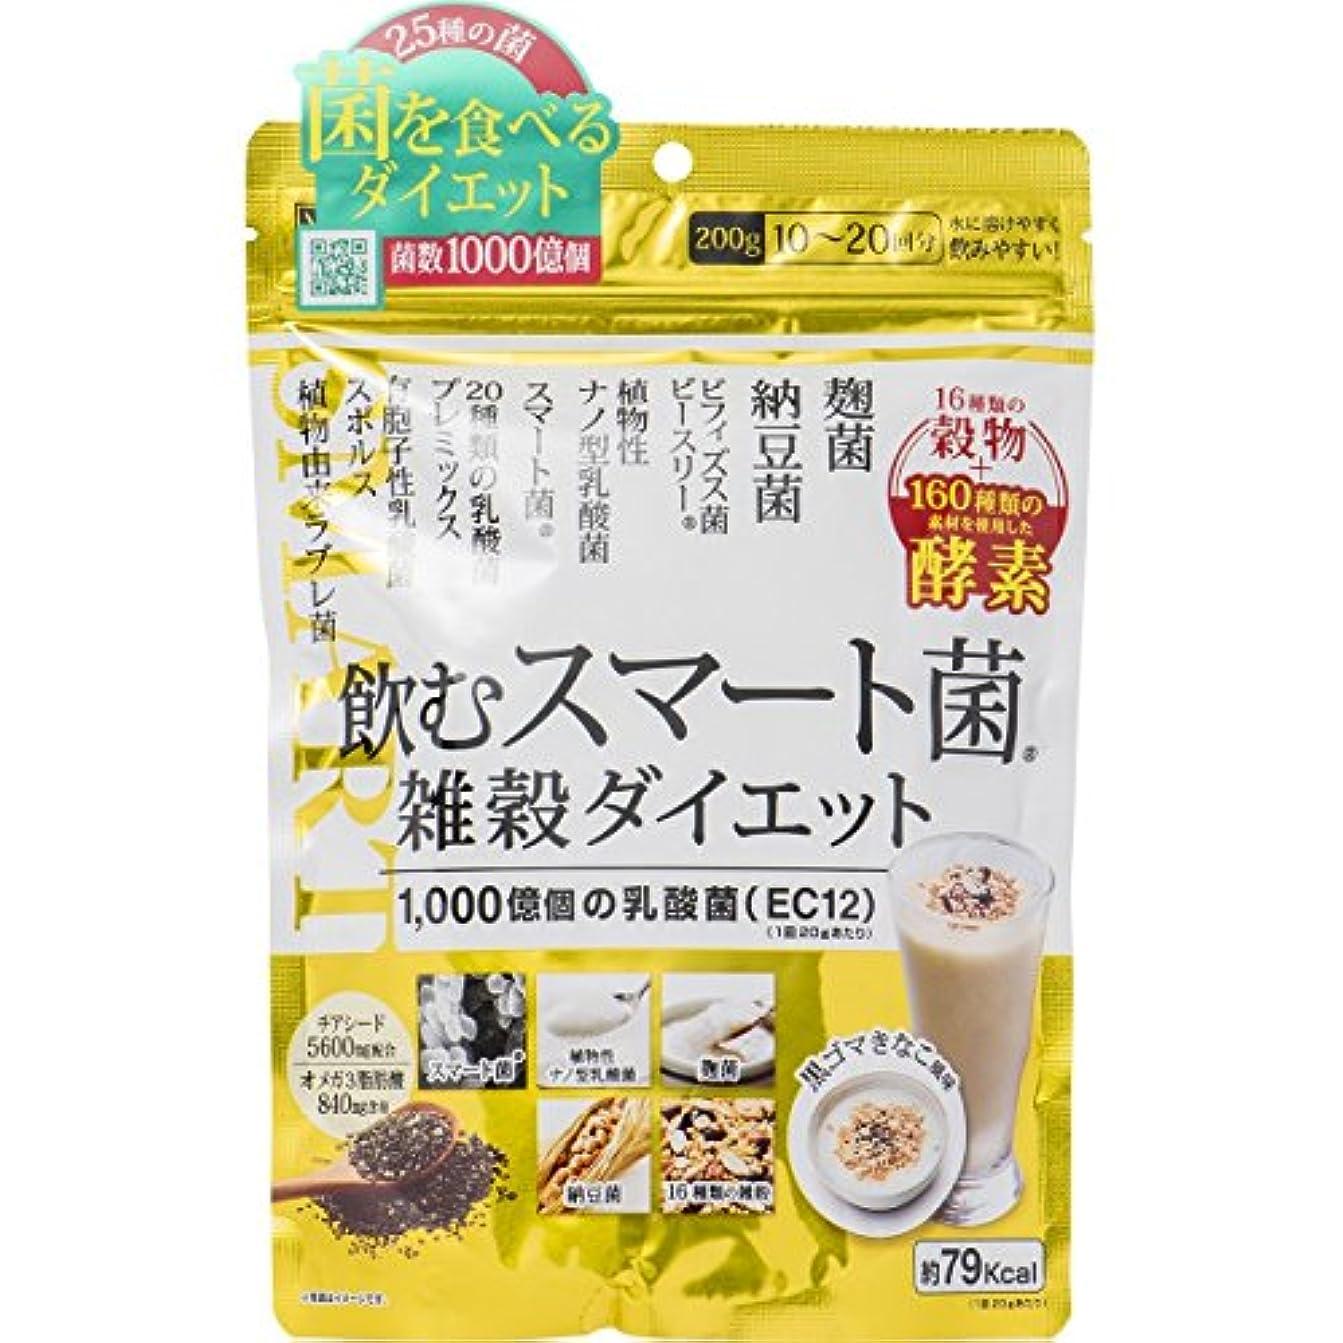 【お徳用3個セット】飲むスマート菌 雑穀ダイエット 200g ×3個セット